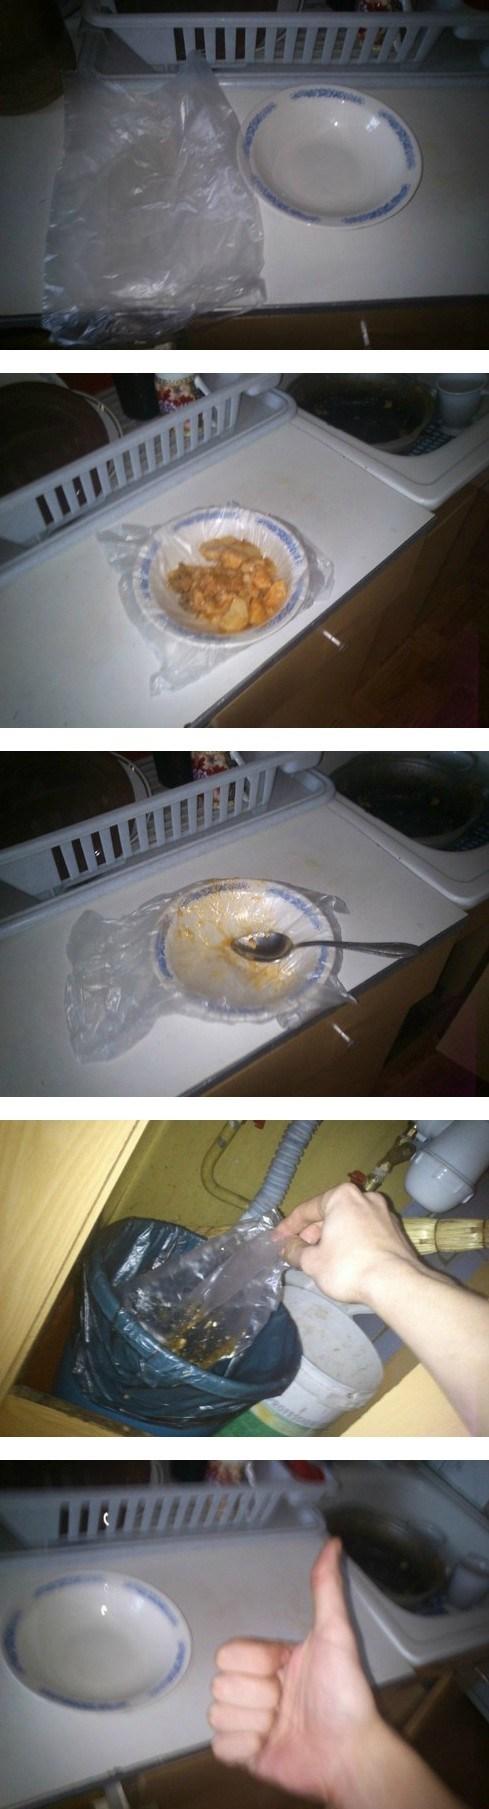 dishes dishwasher kitchen plastic - 6610543872